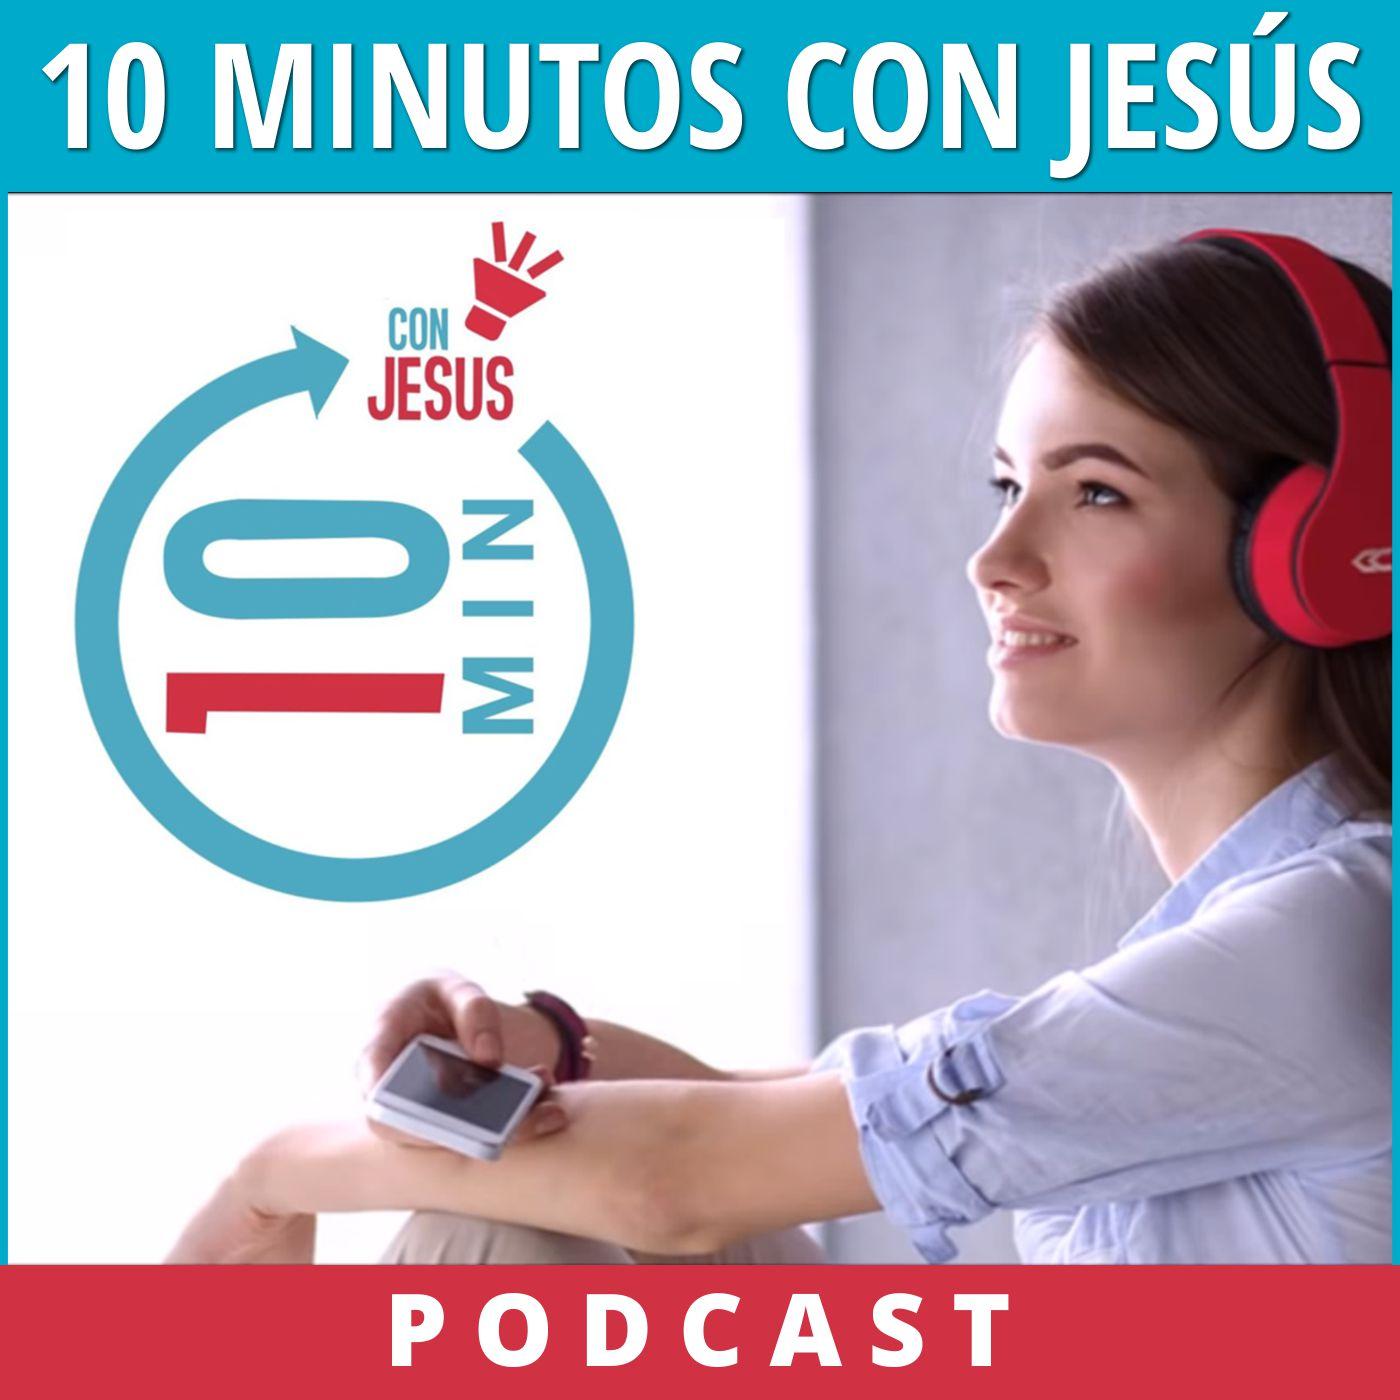 23-01-2020 Fastidiado y fascinado - 10 Minutos con Jesús